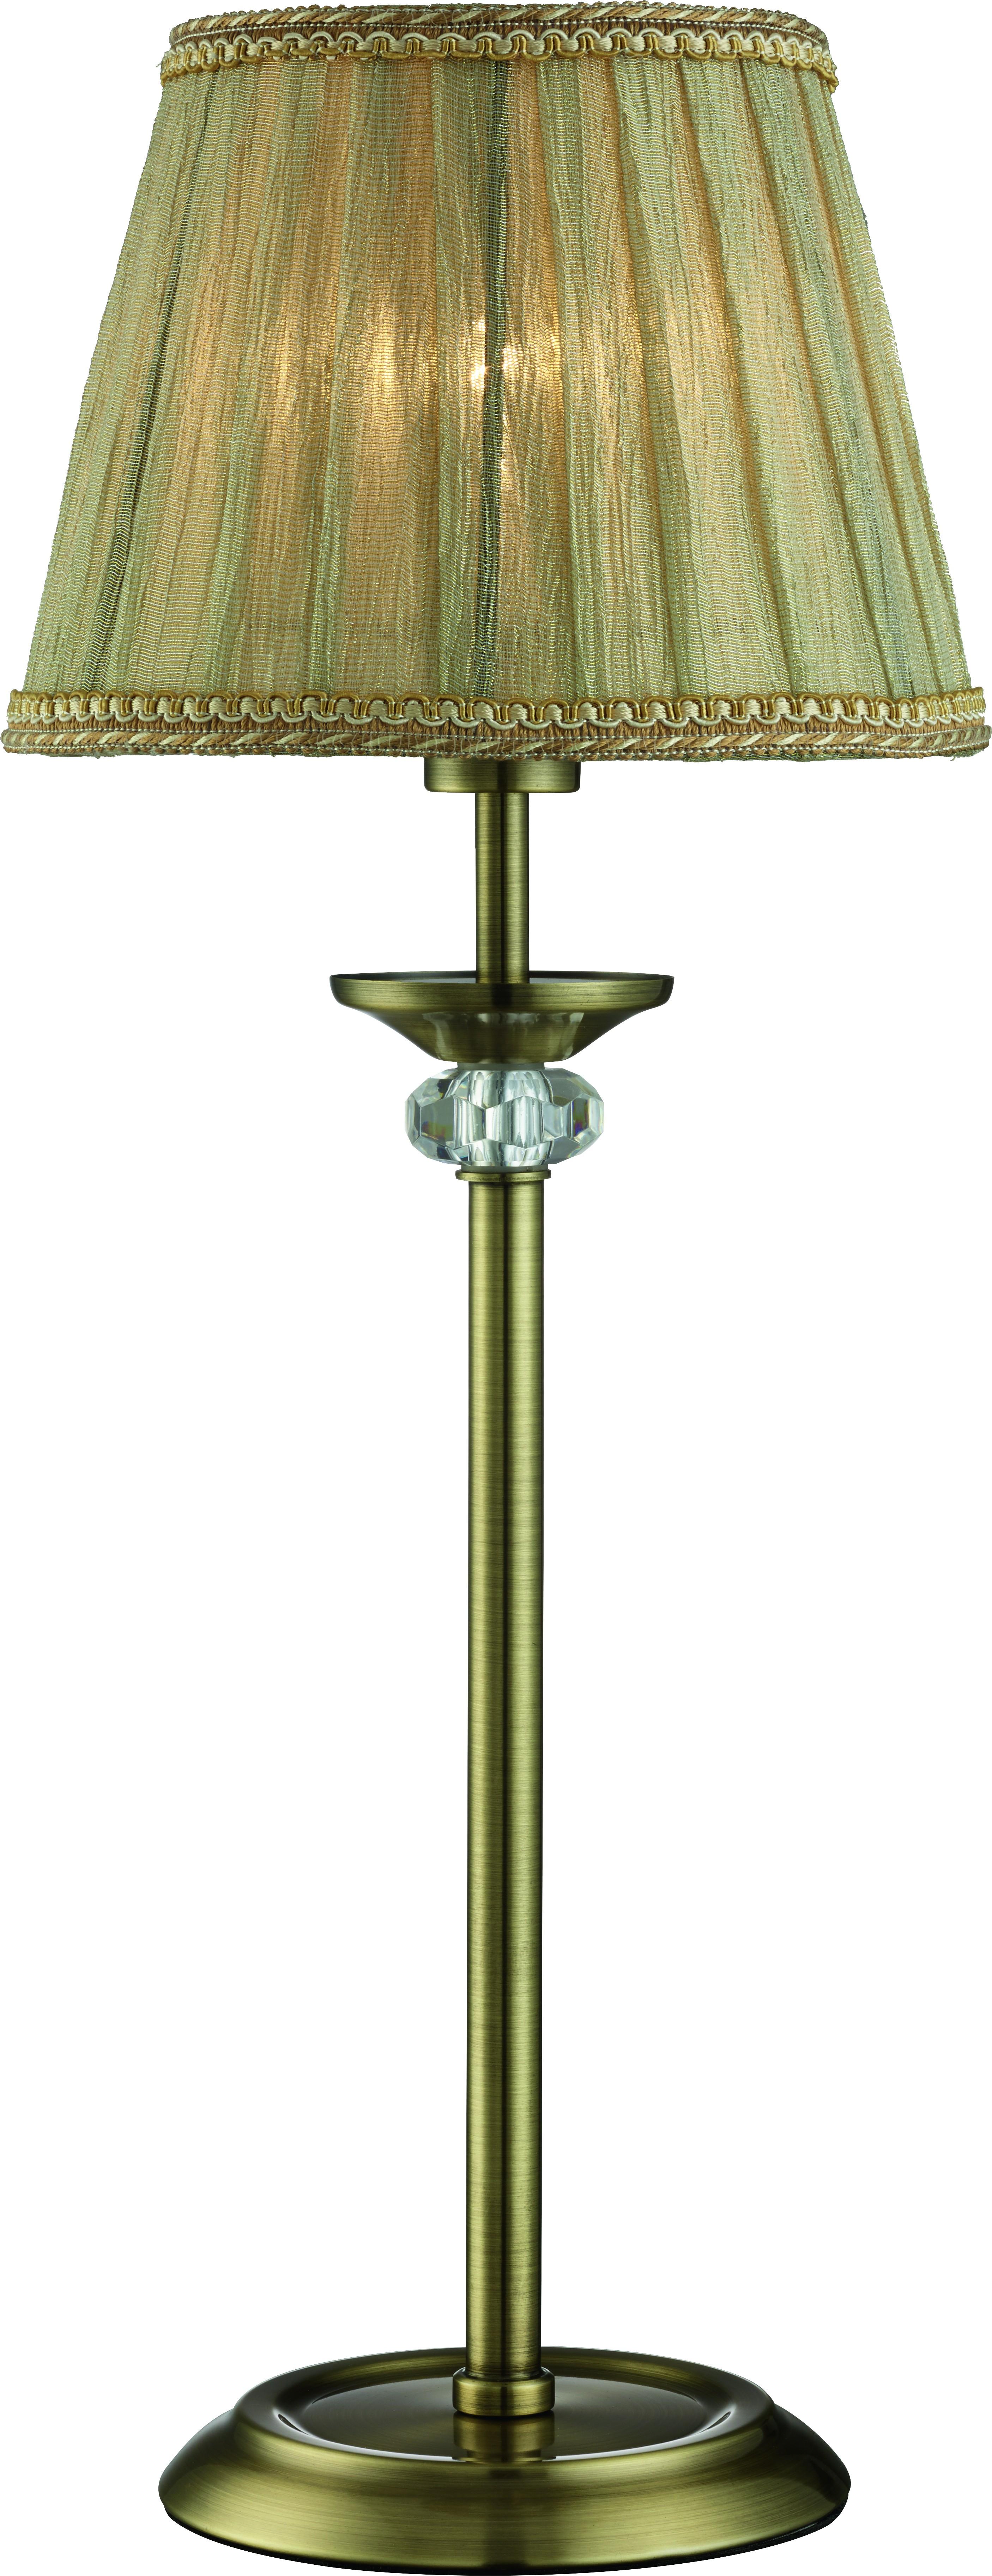 Лампа настольная Arte lamp A1180lt-1ab настольная лампа arte lamp декоративная sylvia a1180lt 1ab